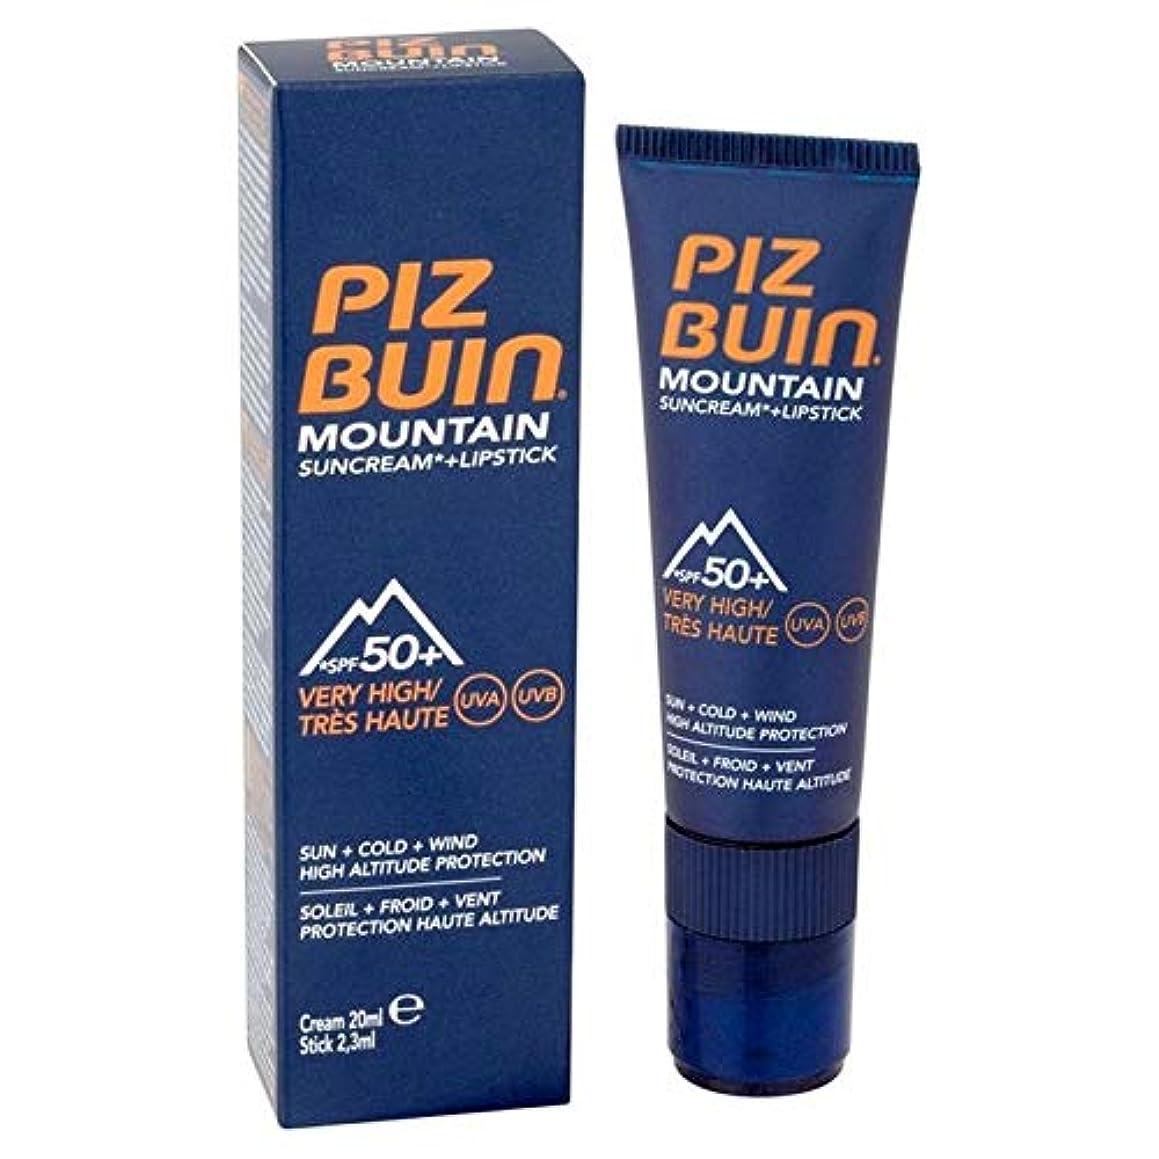 熱心なパノラマハイキングに行く[Piz Buin] ピッツブーイン山脈口紅&サンクリームSpf50 + 20ミリリットル - Piz Buin Mountain Range Lipstick & Suncream SPF50+ 20ml [並行輸入品]